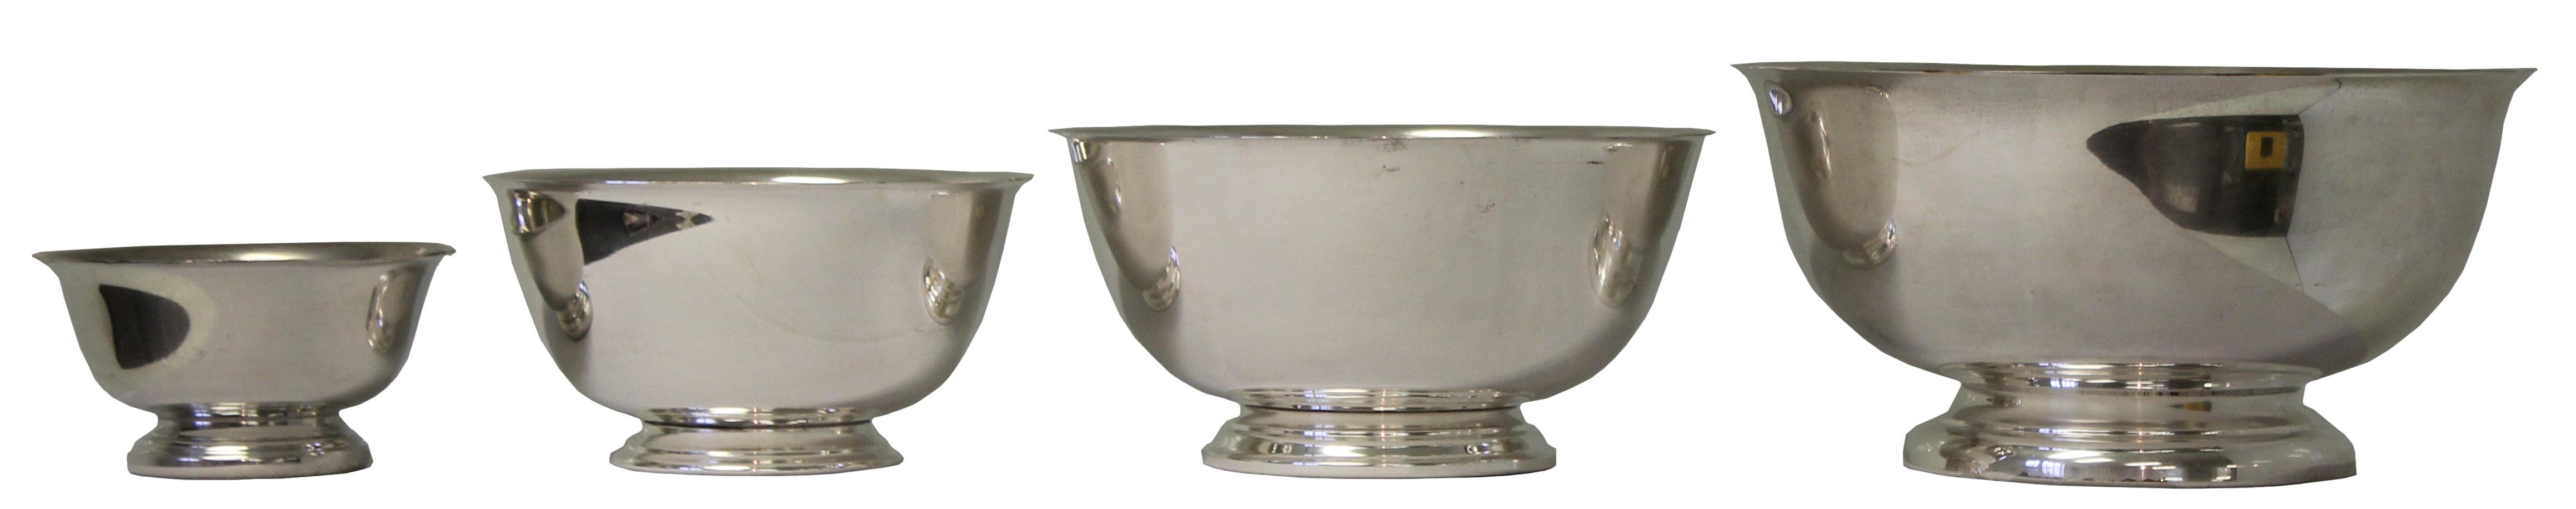 Revere Bowl Compare